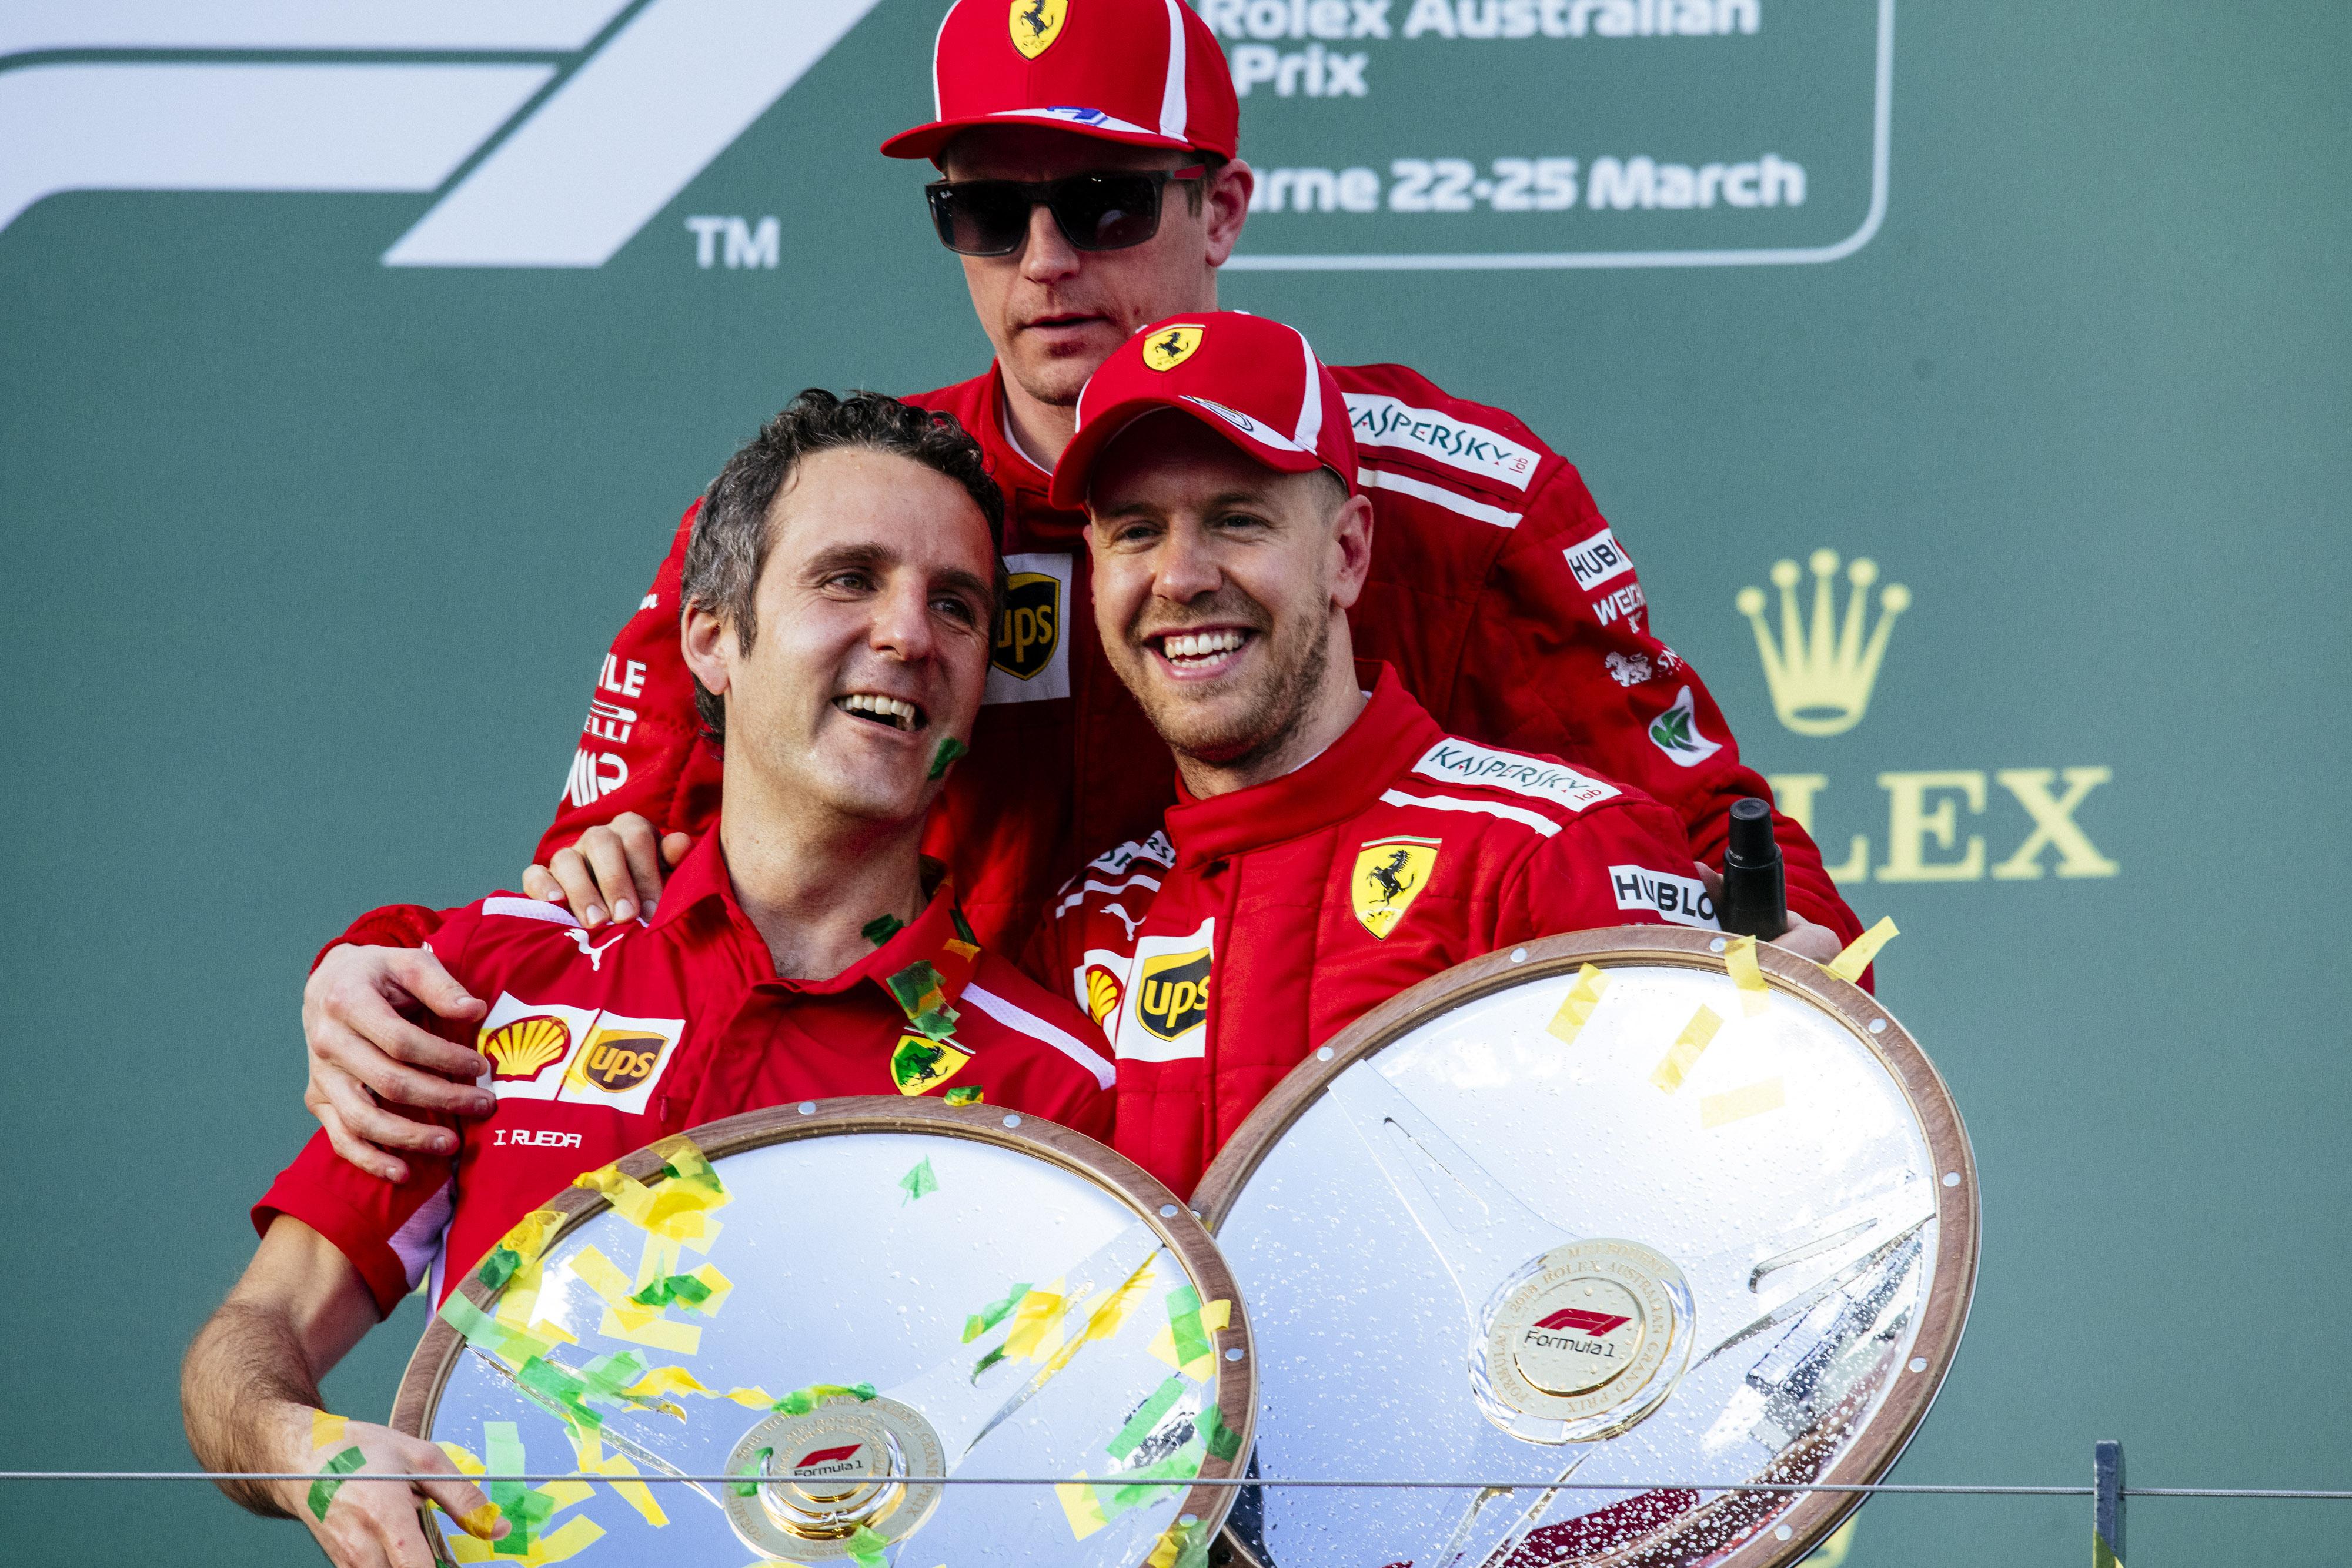 Pagella Gran Premio d'Australia 2018